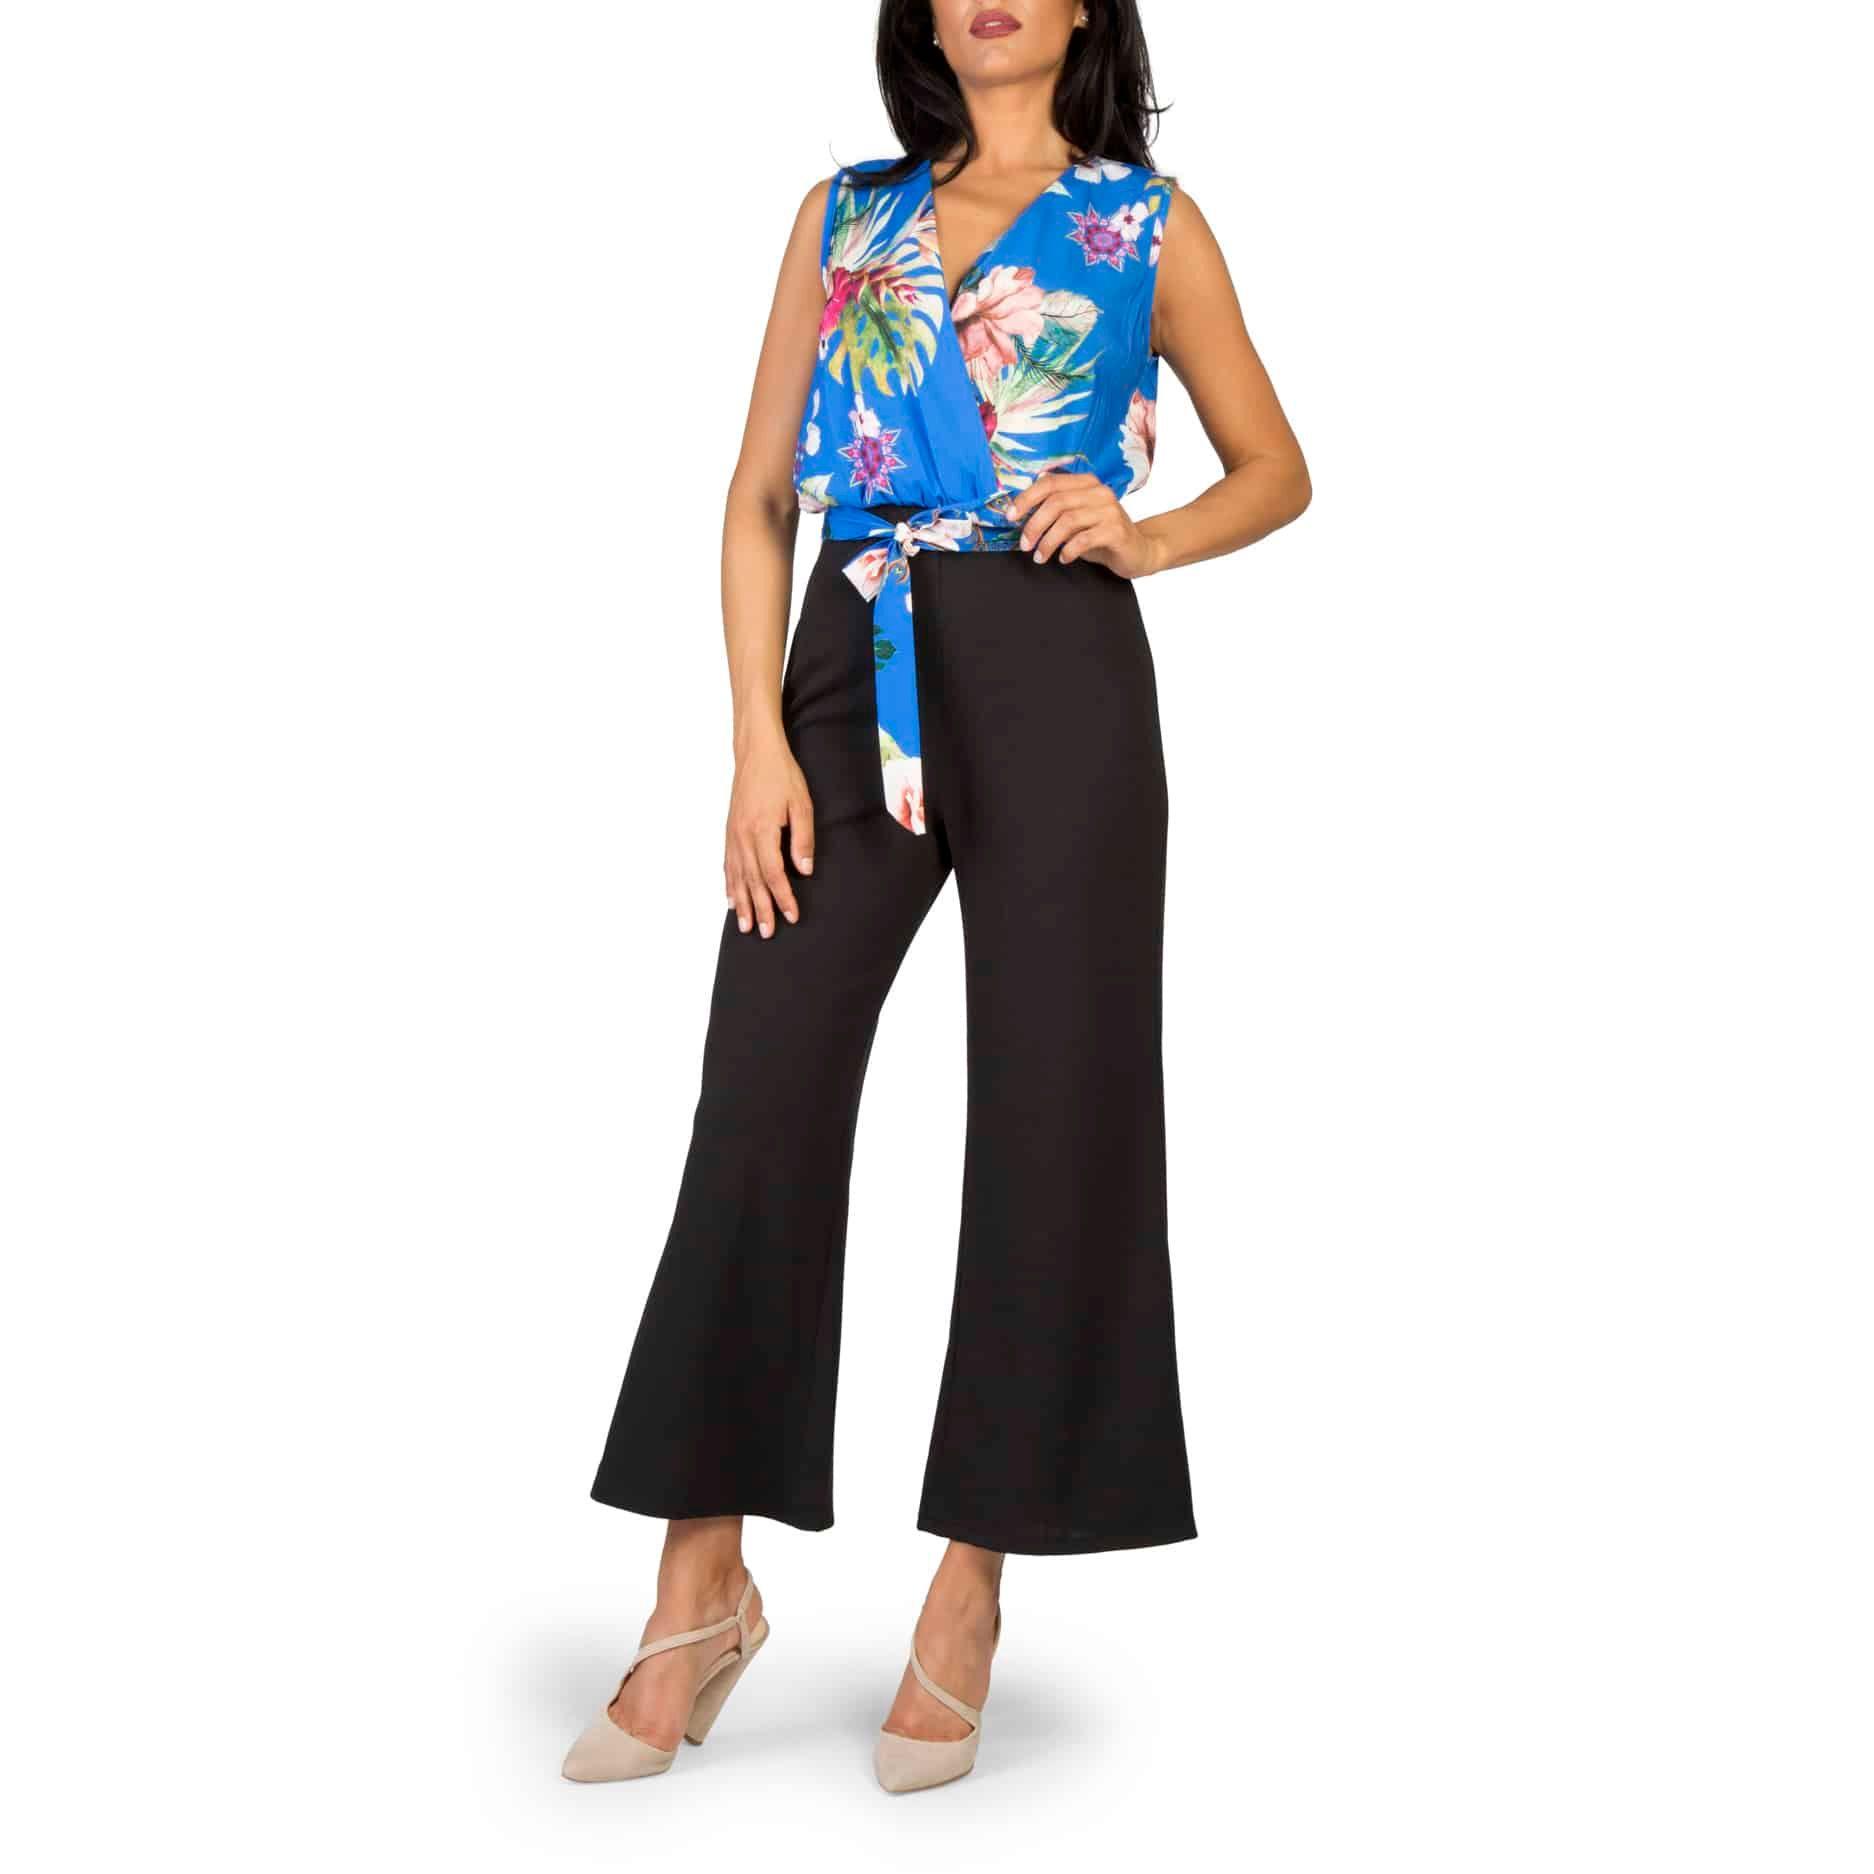 Robes Fontana 2.0 – BENERICE